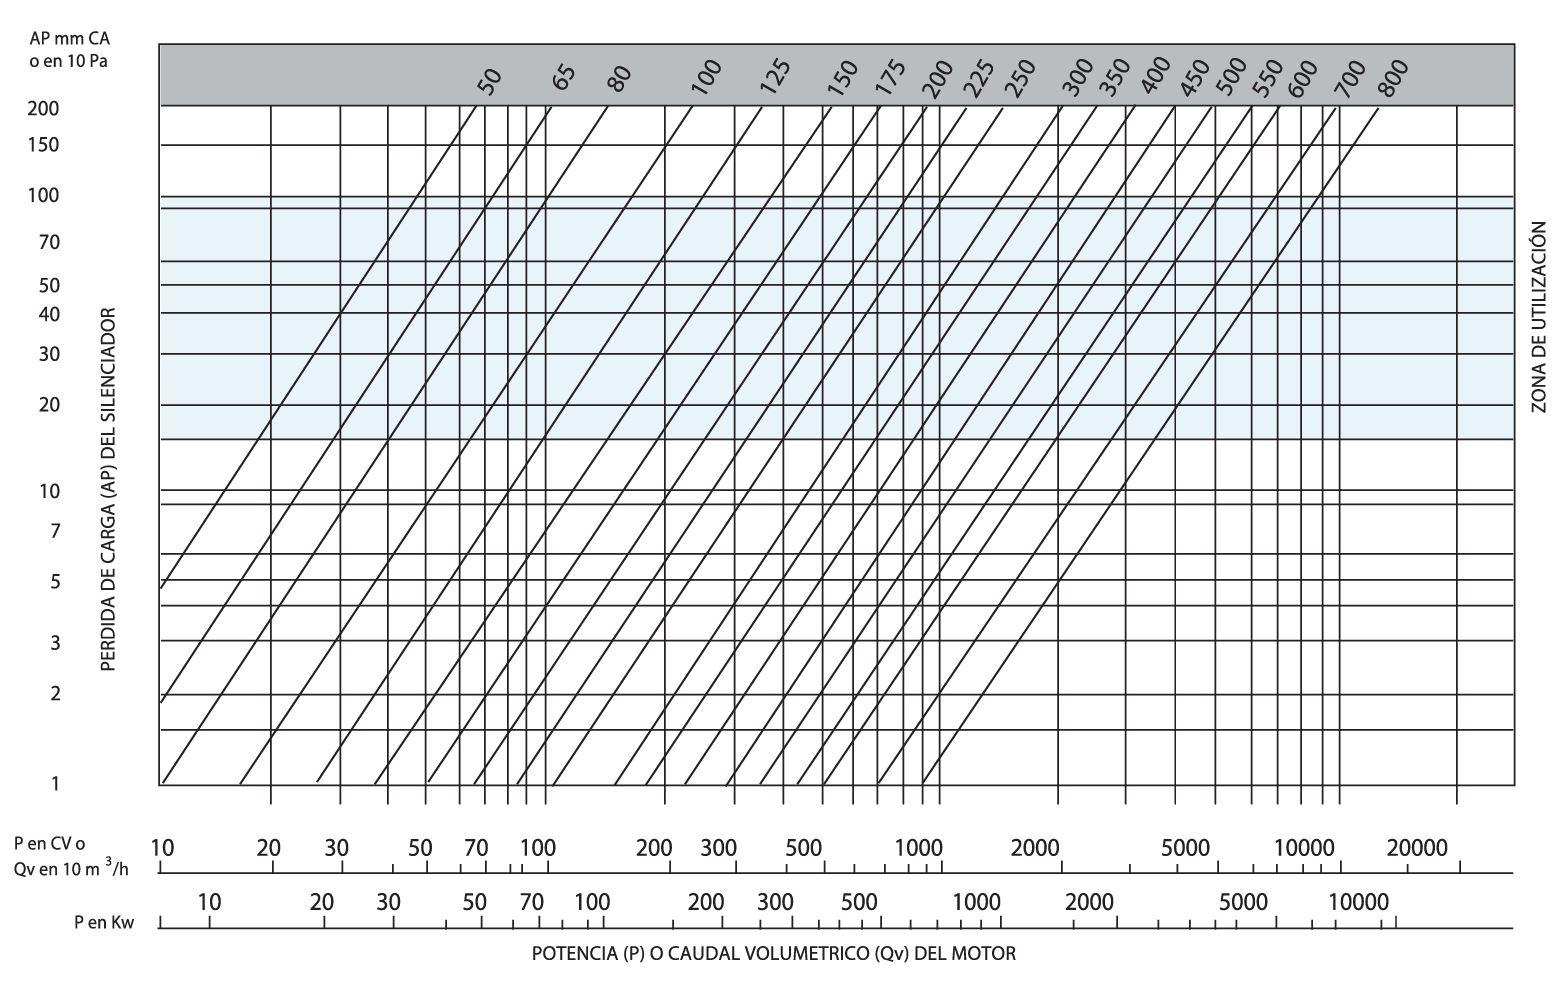 Tabla de aislamiento de silenciador acústico sm25. Relacionando potencia o caudal volumetrico del motor y la perdida de carga del silenciador acustico marcando su zona de utilización de este modelo